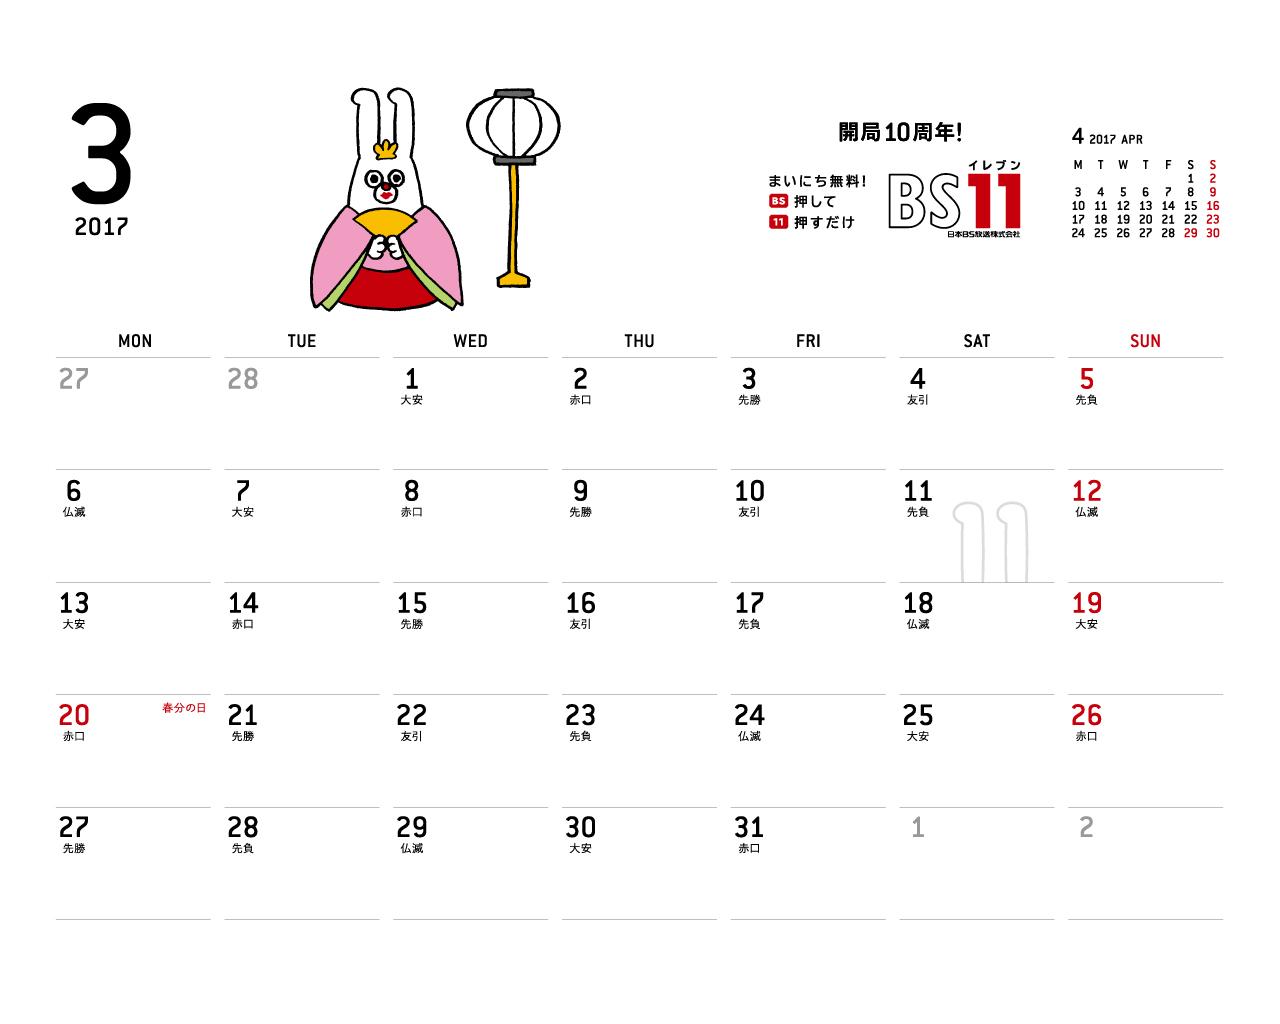 デジタルカレンダー 2017年3月